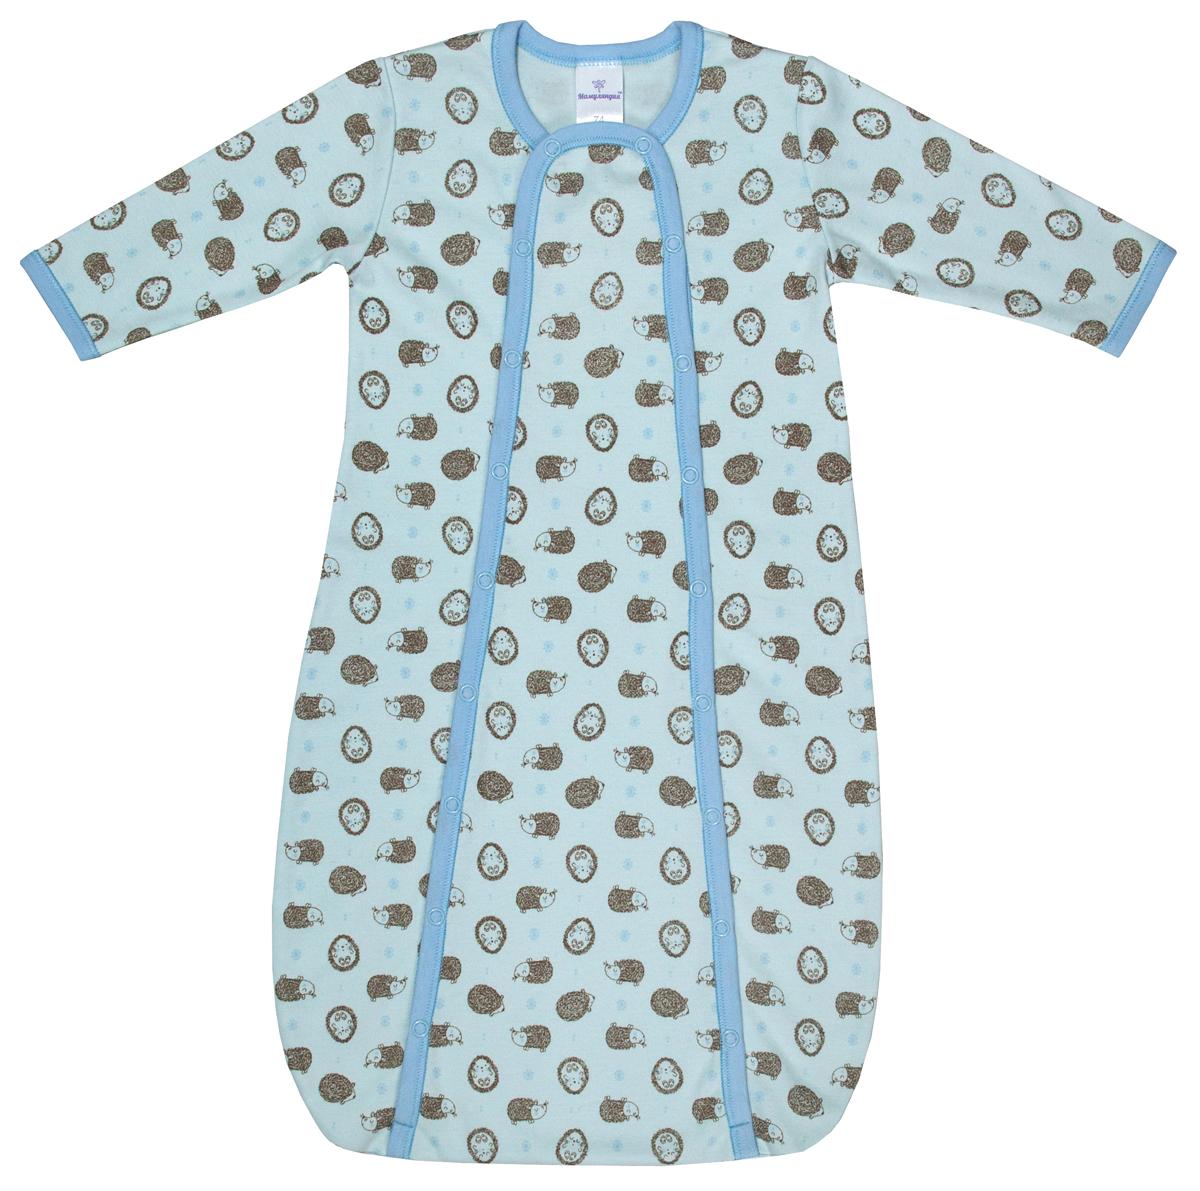 Конверт прогулочный для мальчика Мамуляндия Сказочный сон, цвет: голубой. 17-1706. Размер 62 кофта для мальчика мамуляндия сказочный сон цвет голубой 17 1704 размер 86